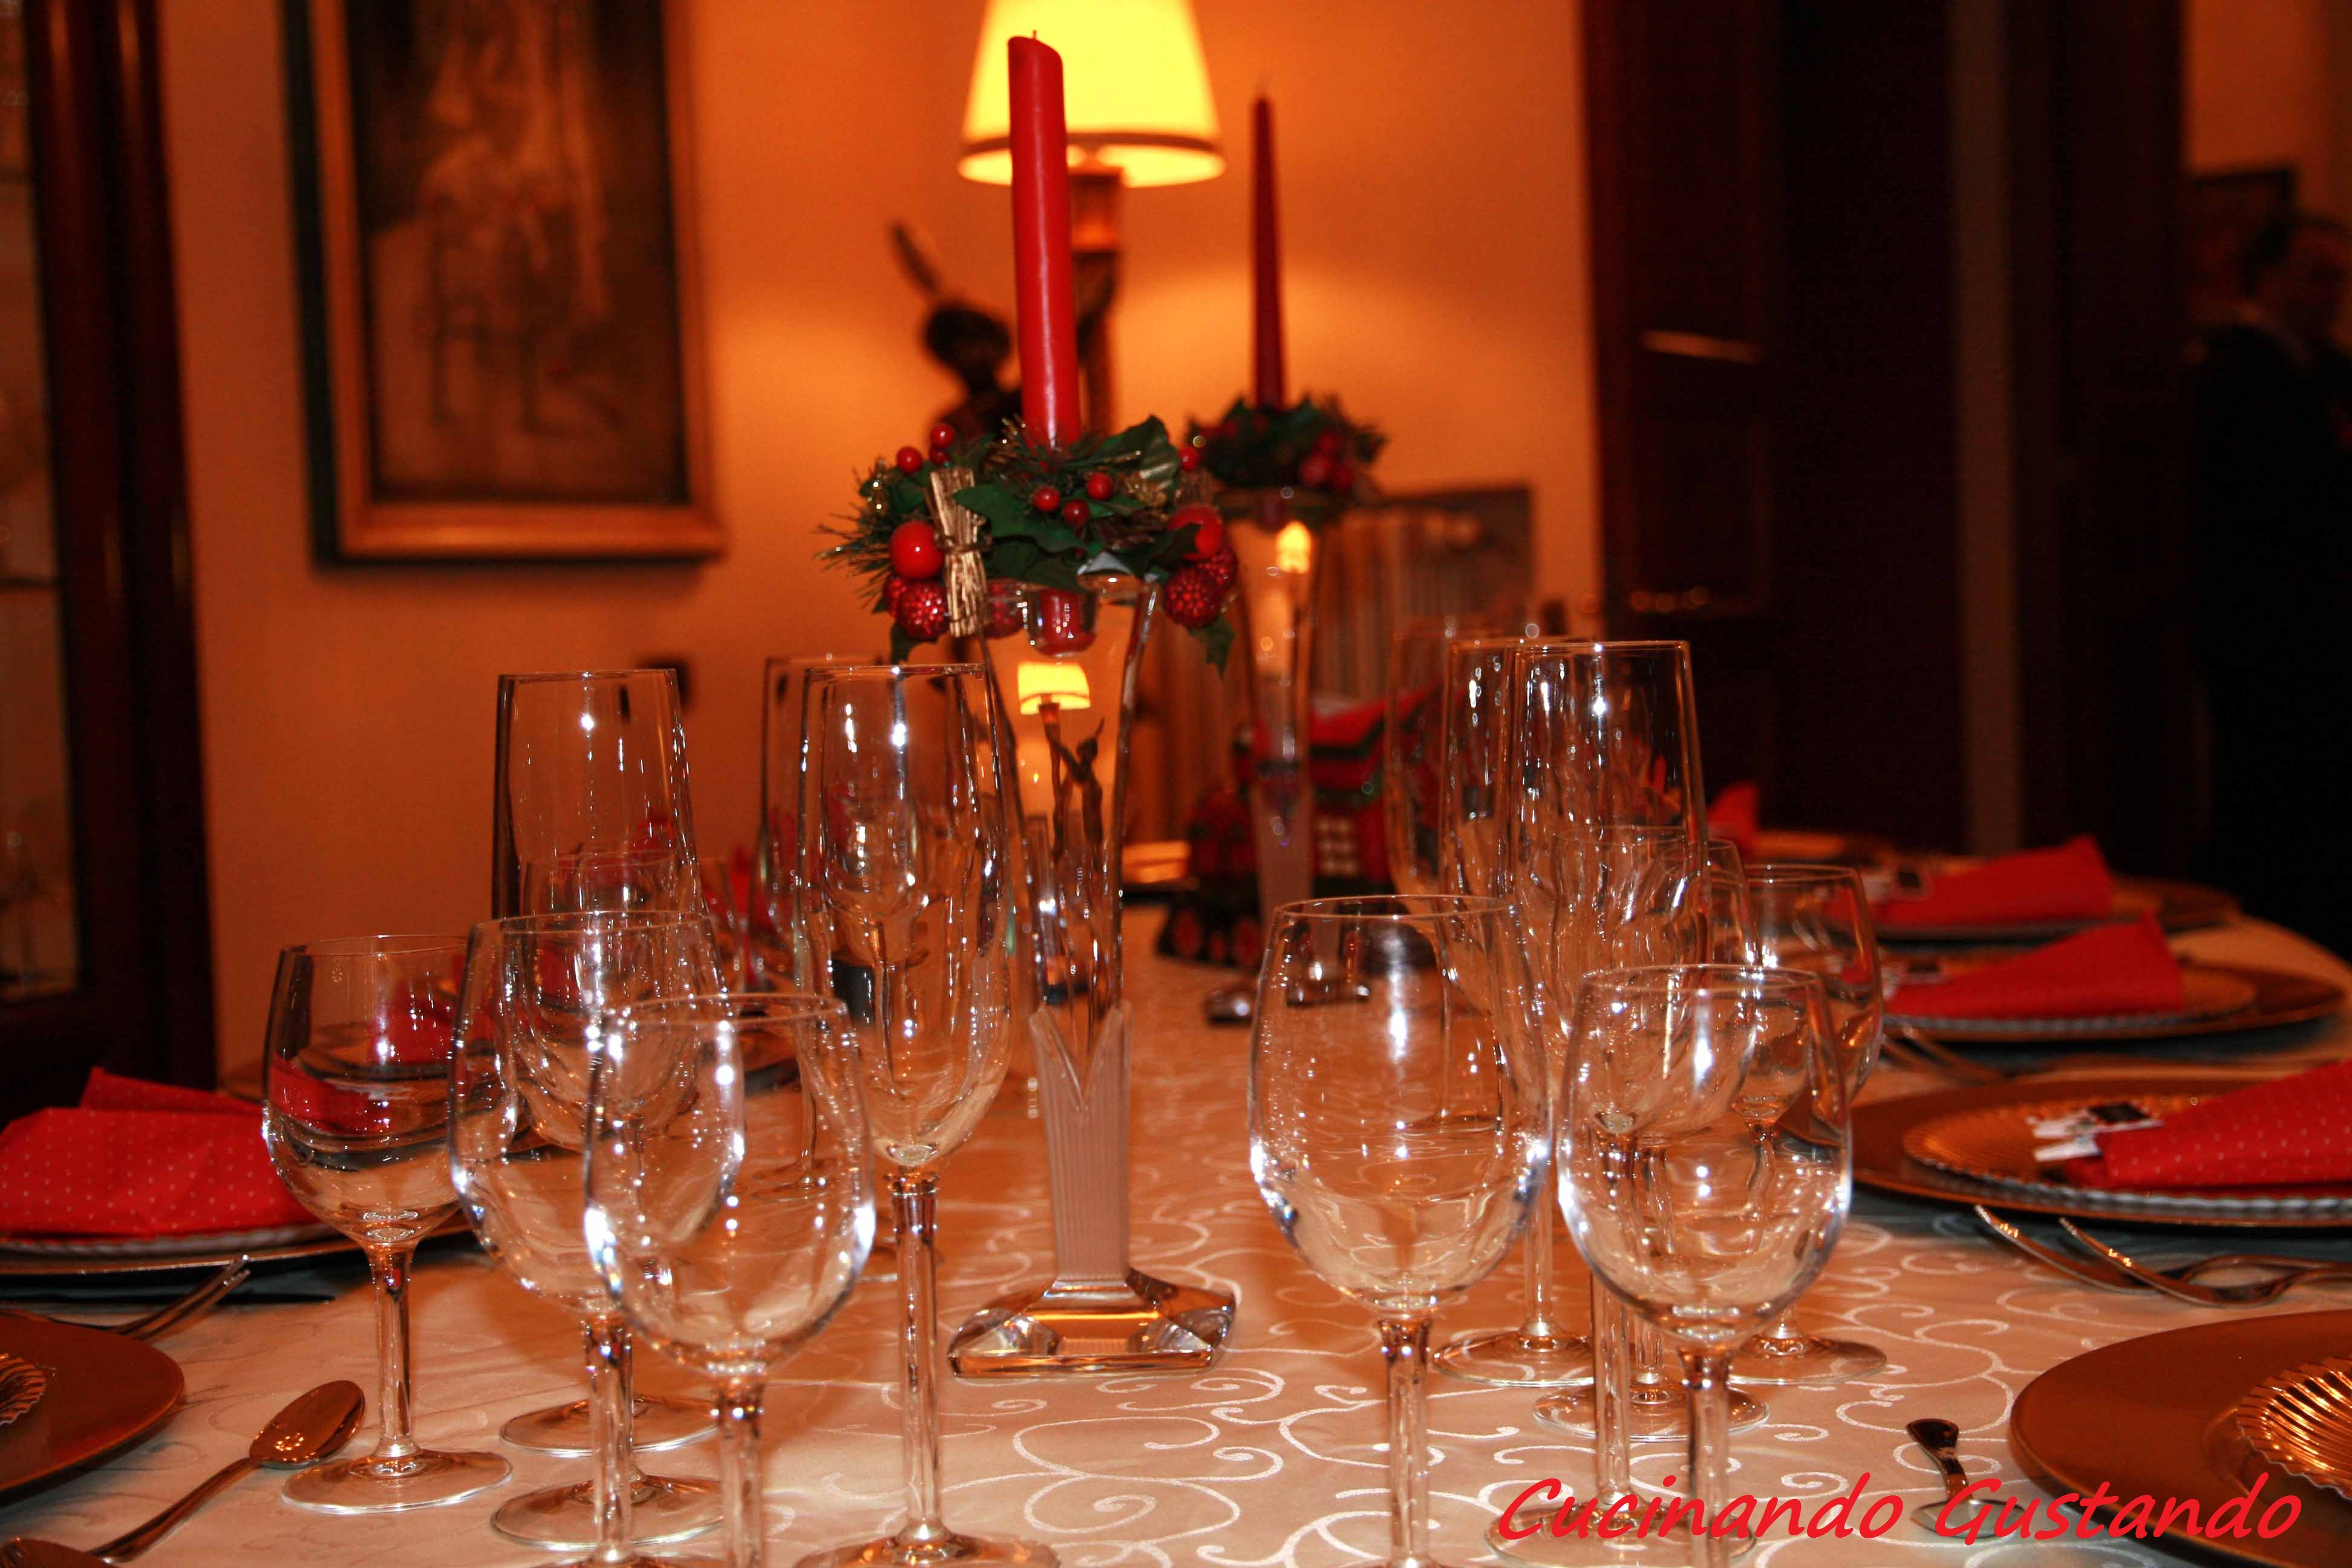 Decorazioni Da Tavola Per Natale : Come apparecchiare la tavola per natale